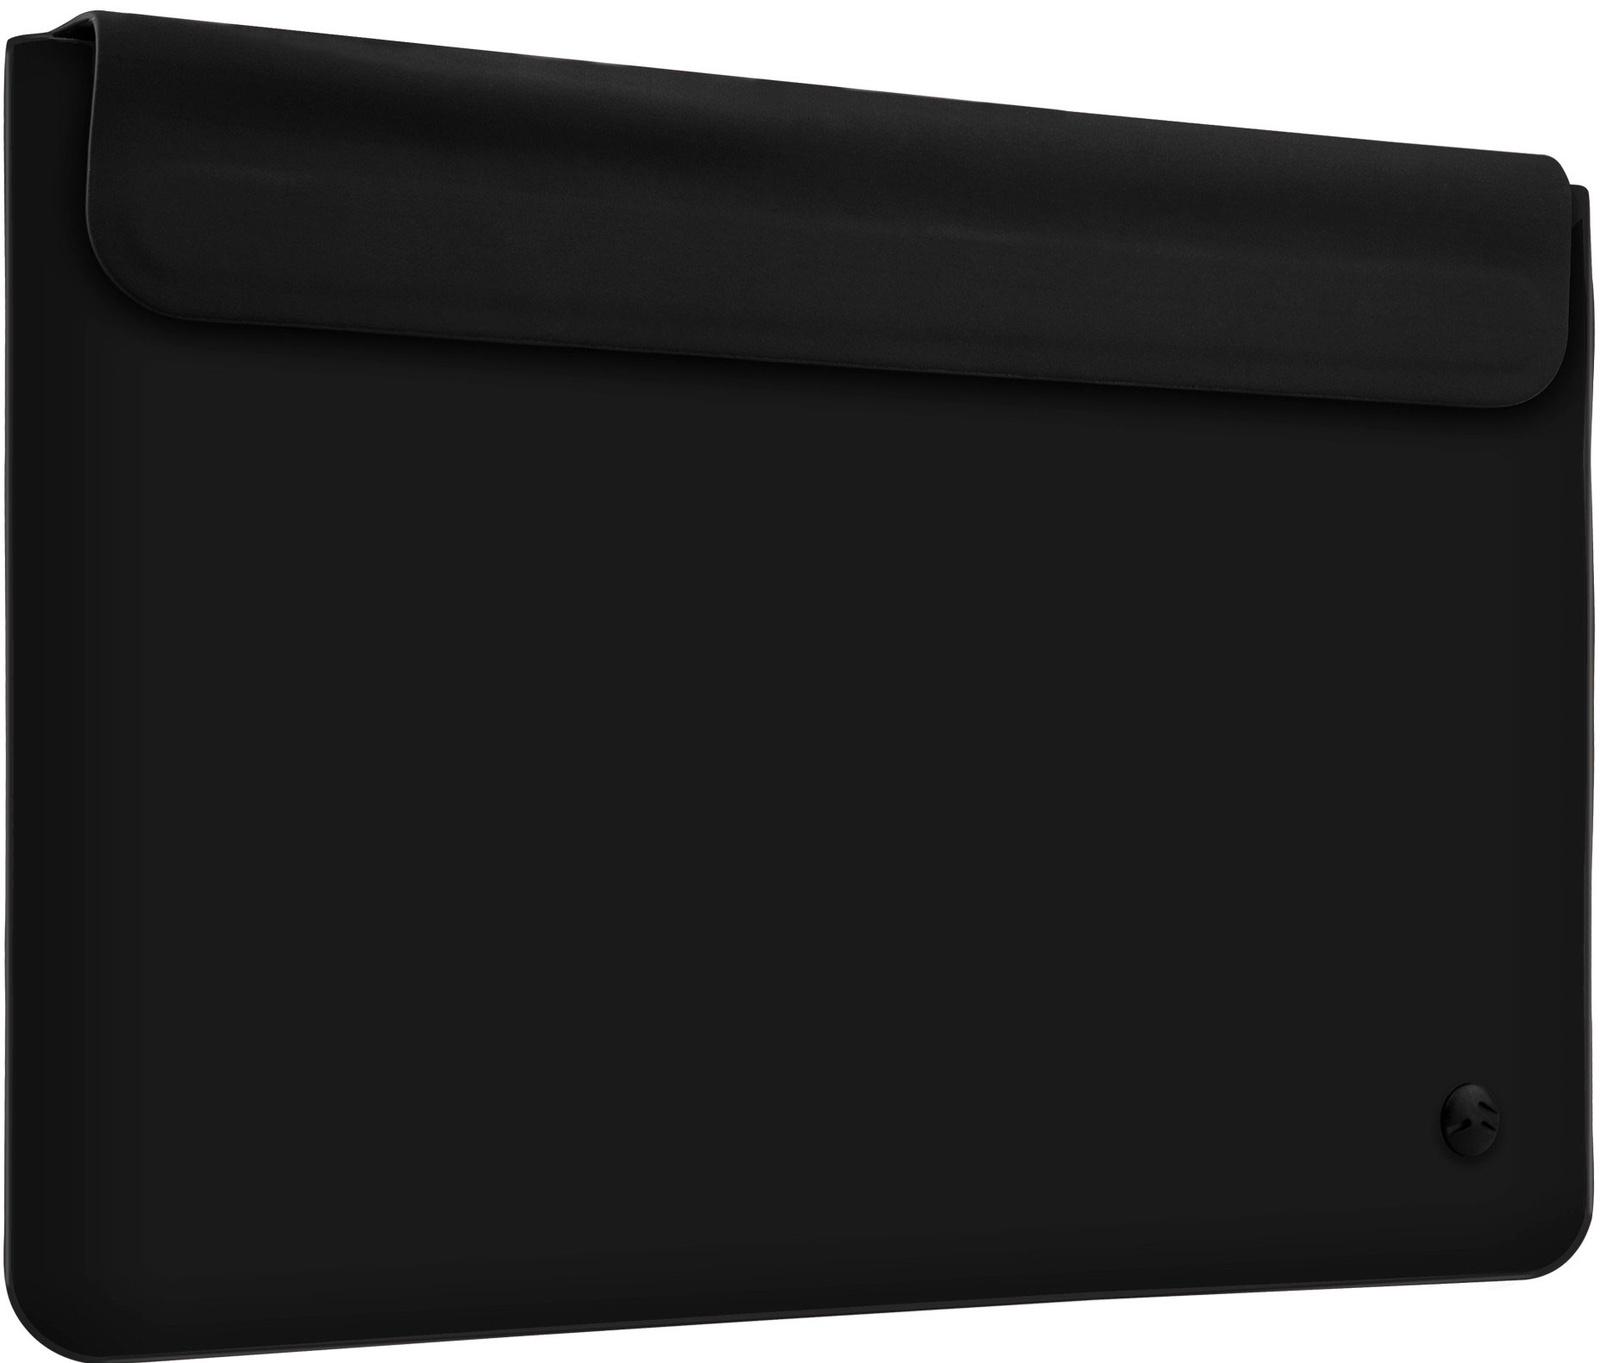 Чехол для ноутбука SwitchEasy Thins для Macbook Pro 15, черный чехол speck seethru pool для macbook 15 pro